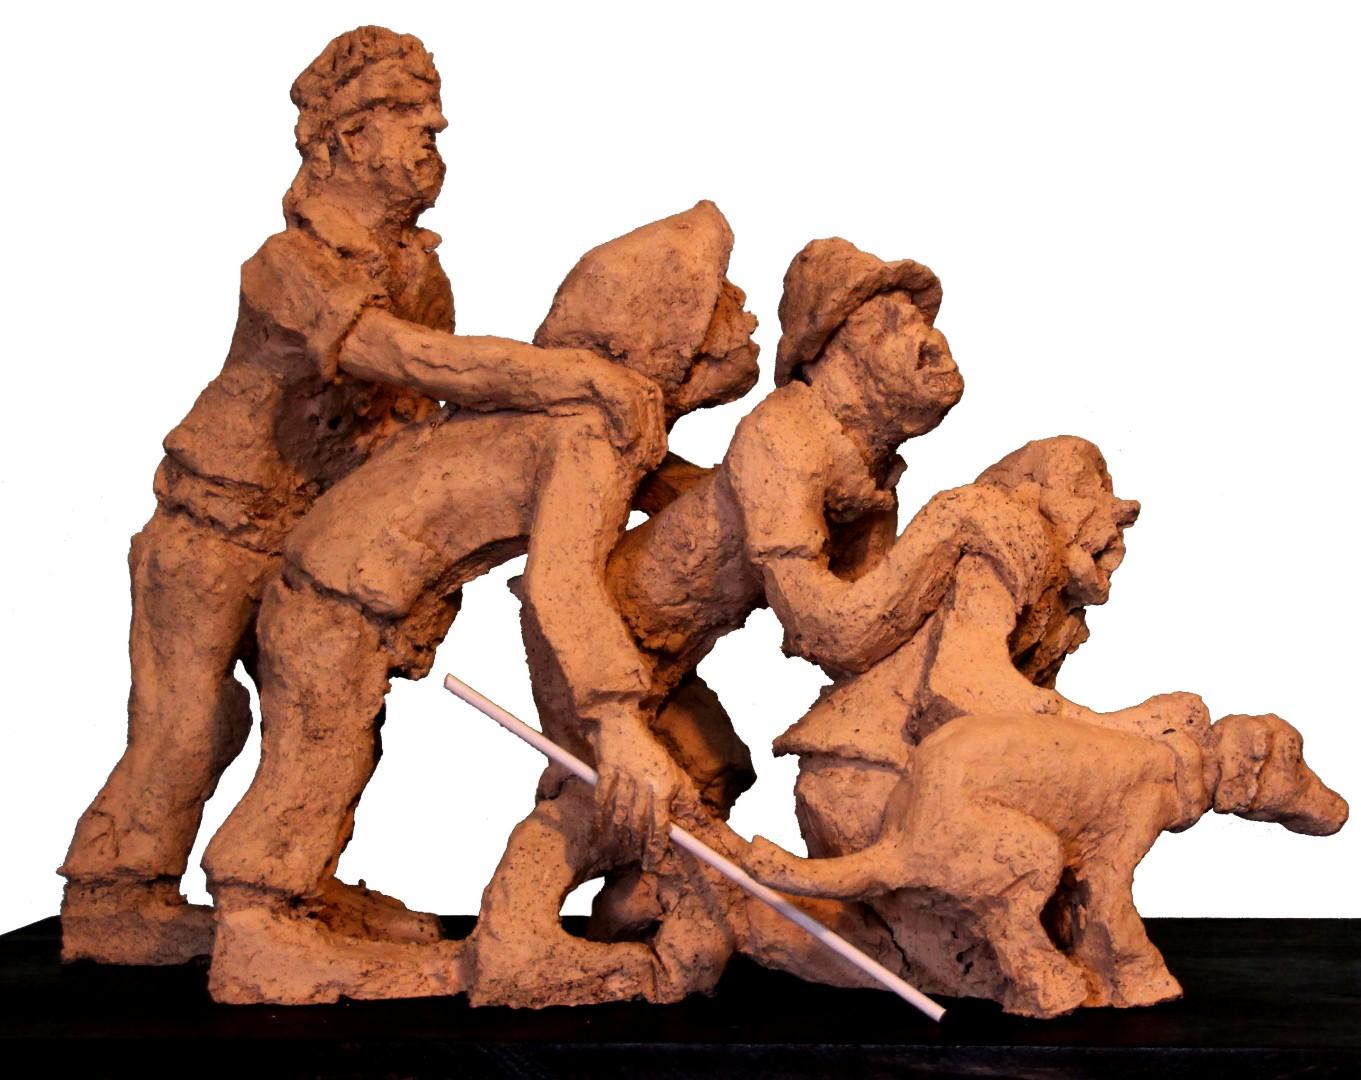 פסל של אלכס גל. שורת השיכורים ( )